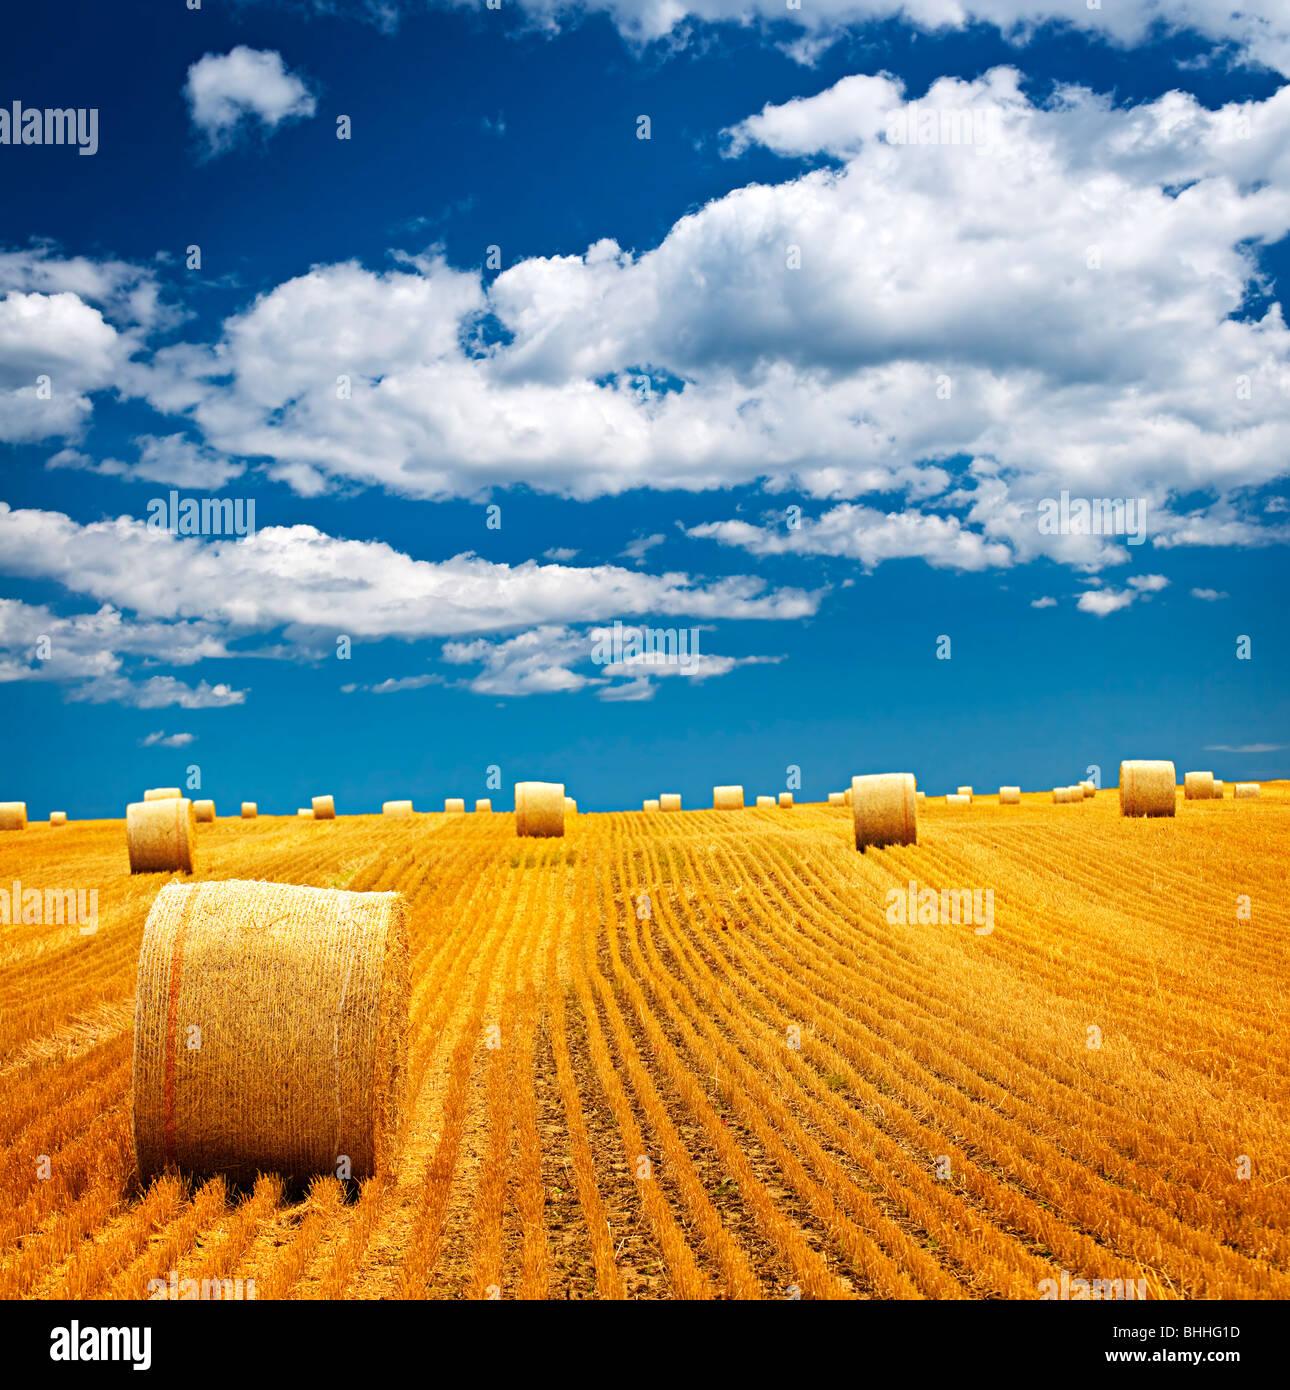 Paysage agricole de bottes de foin dans un champ d'or Banque D'Images